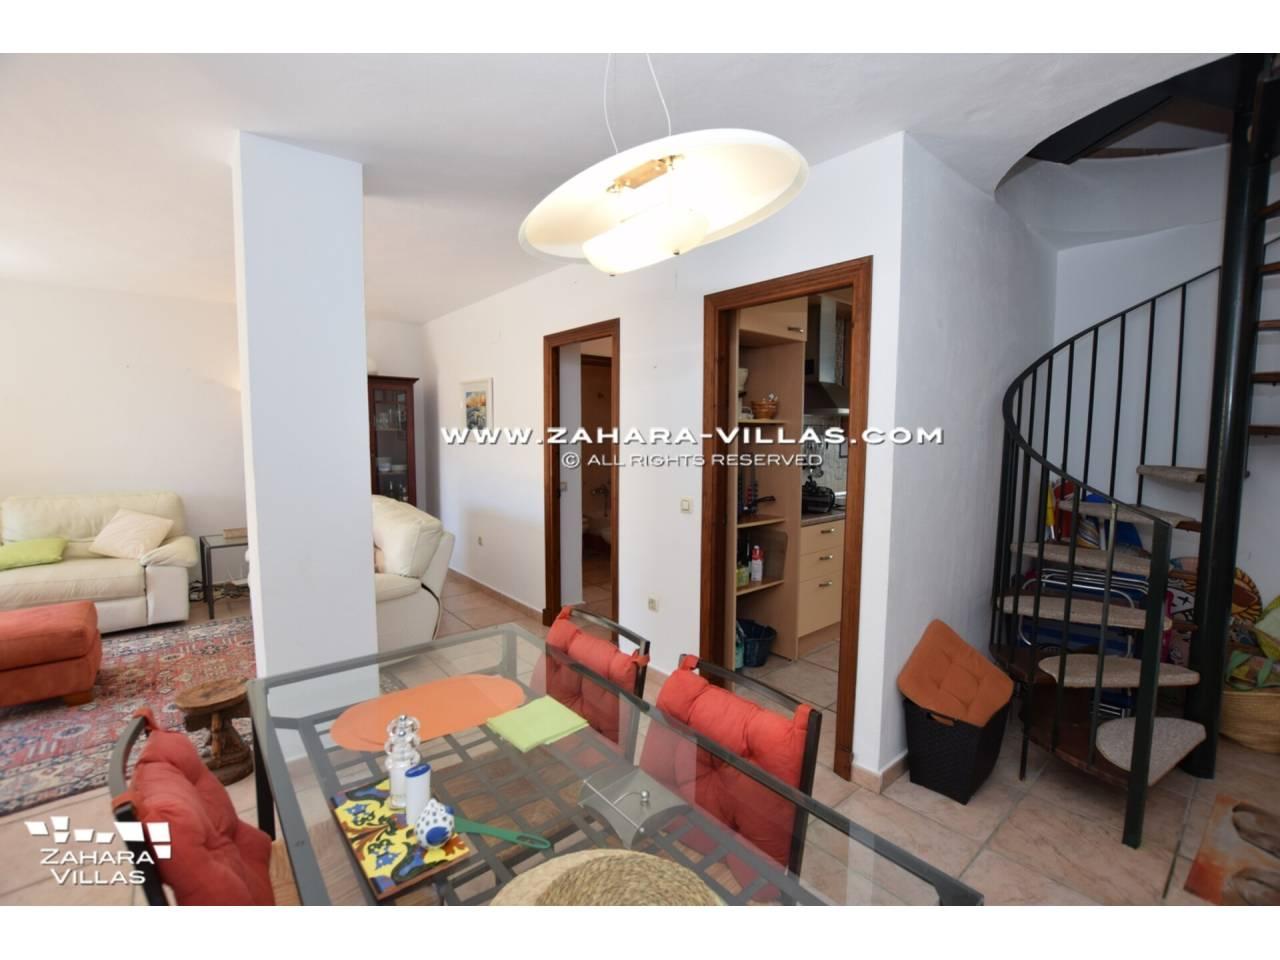 Imagen 10 de Penthouse apartment for sale in Zahara de los Atunes